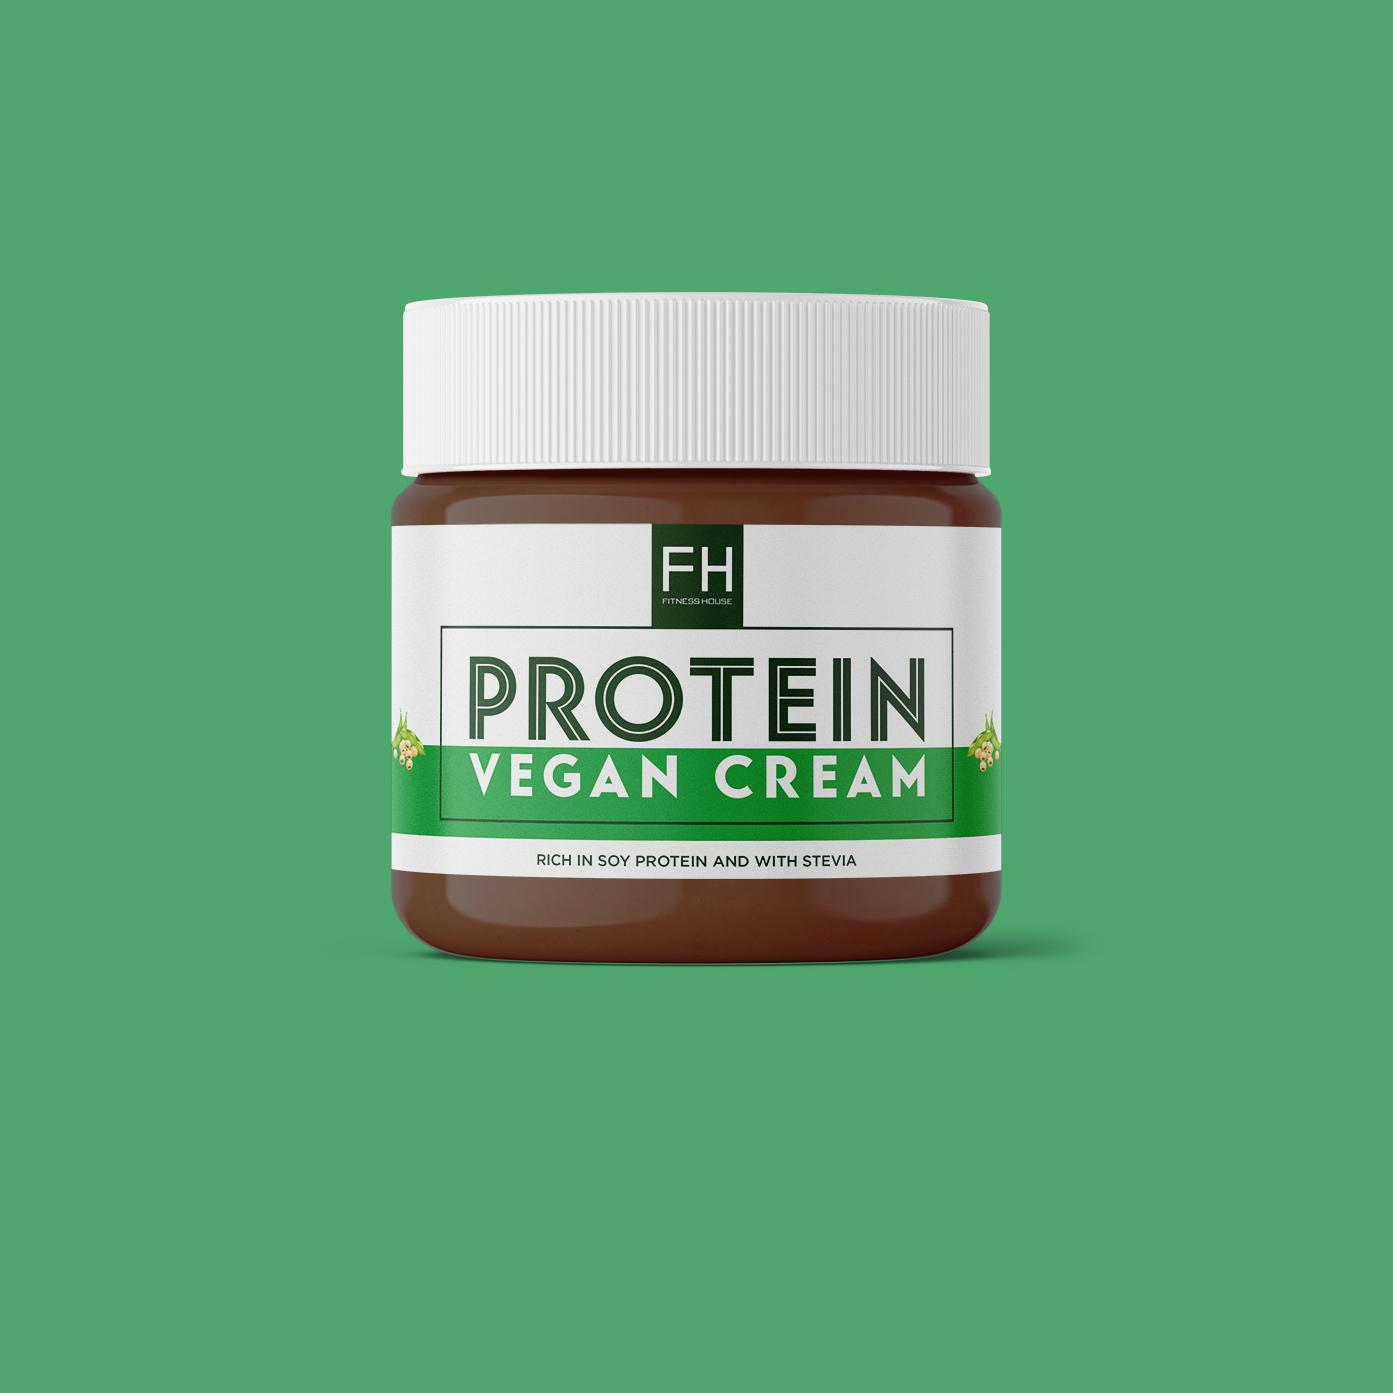 Protein Vegan Cream